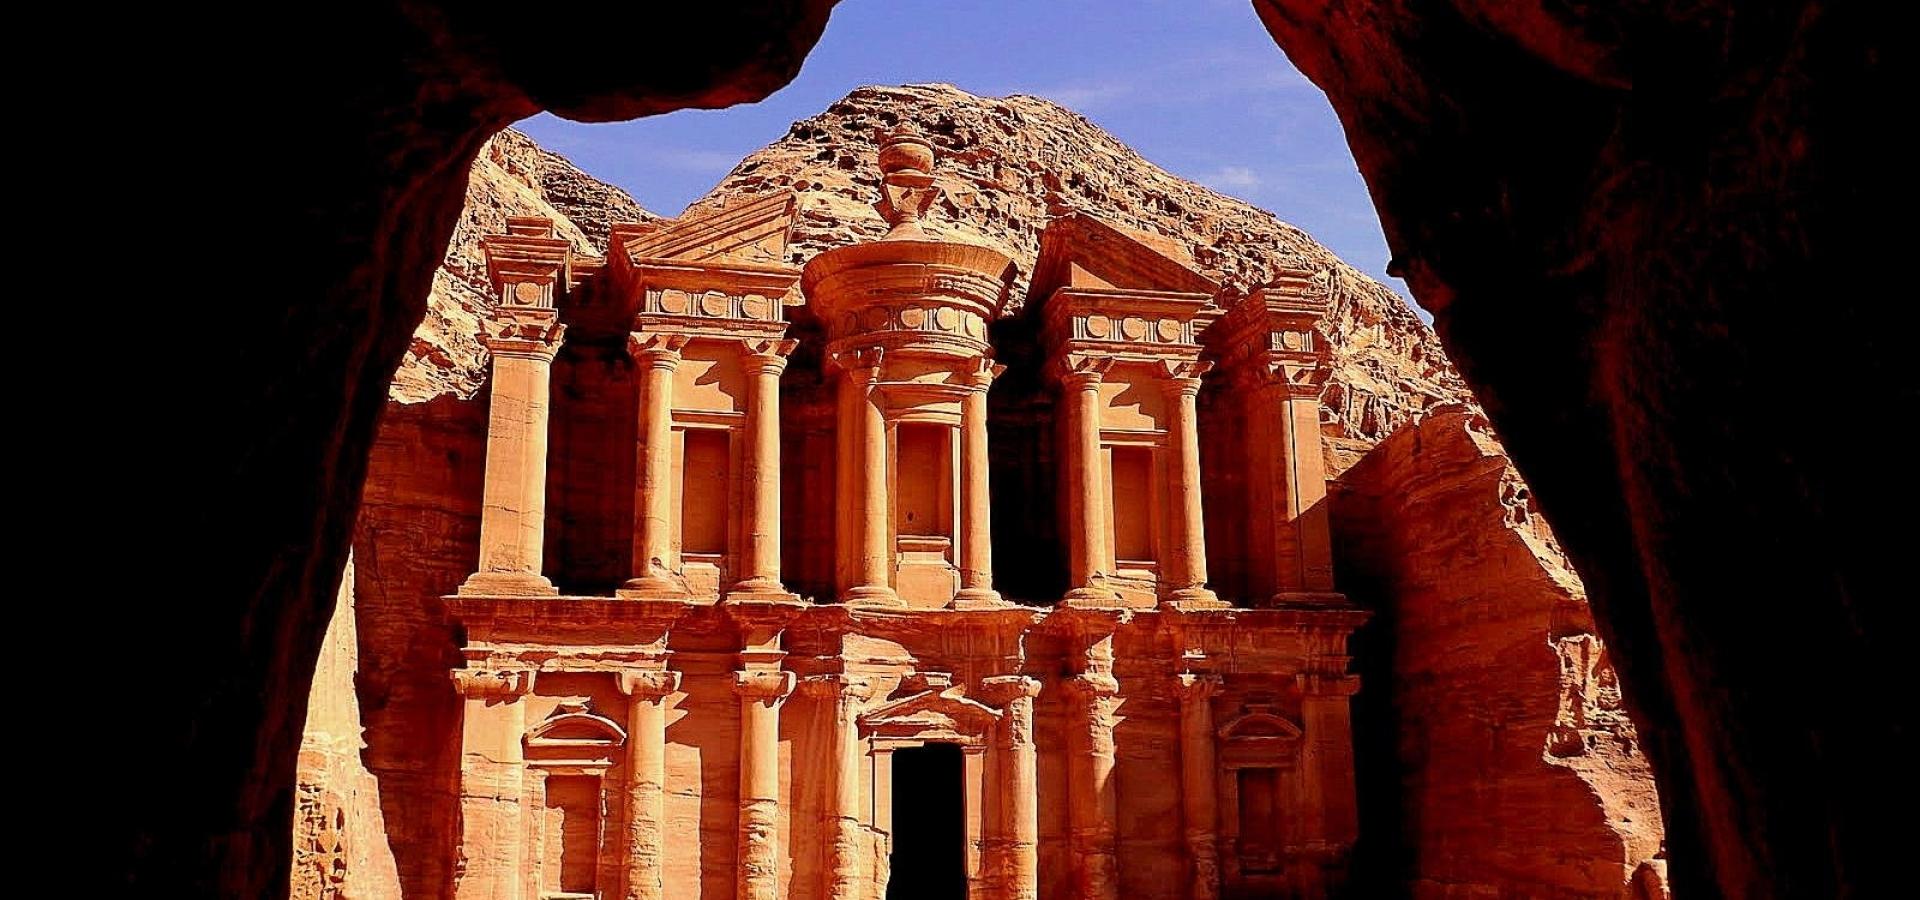 Jordania - Desierto de Wadi Rum, Mar Muerto y Petra